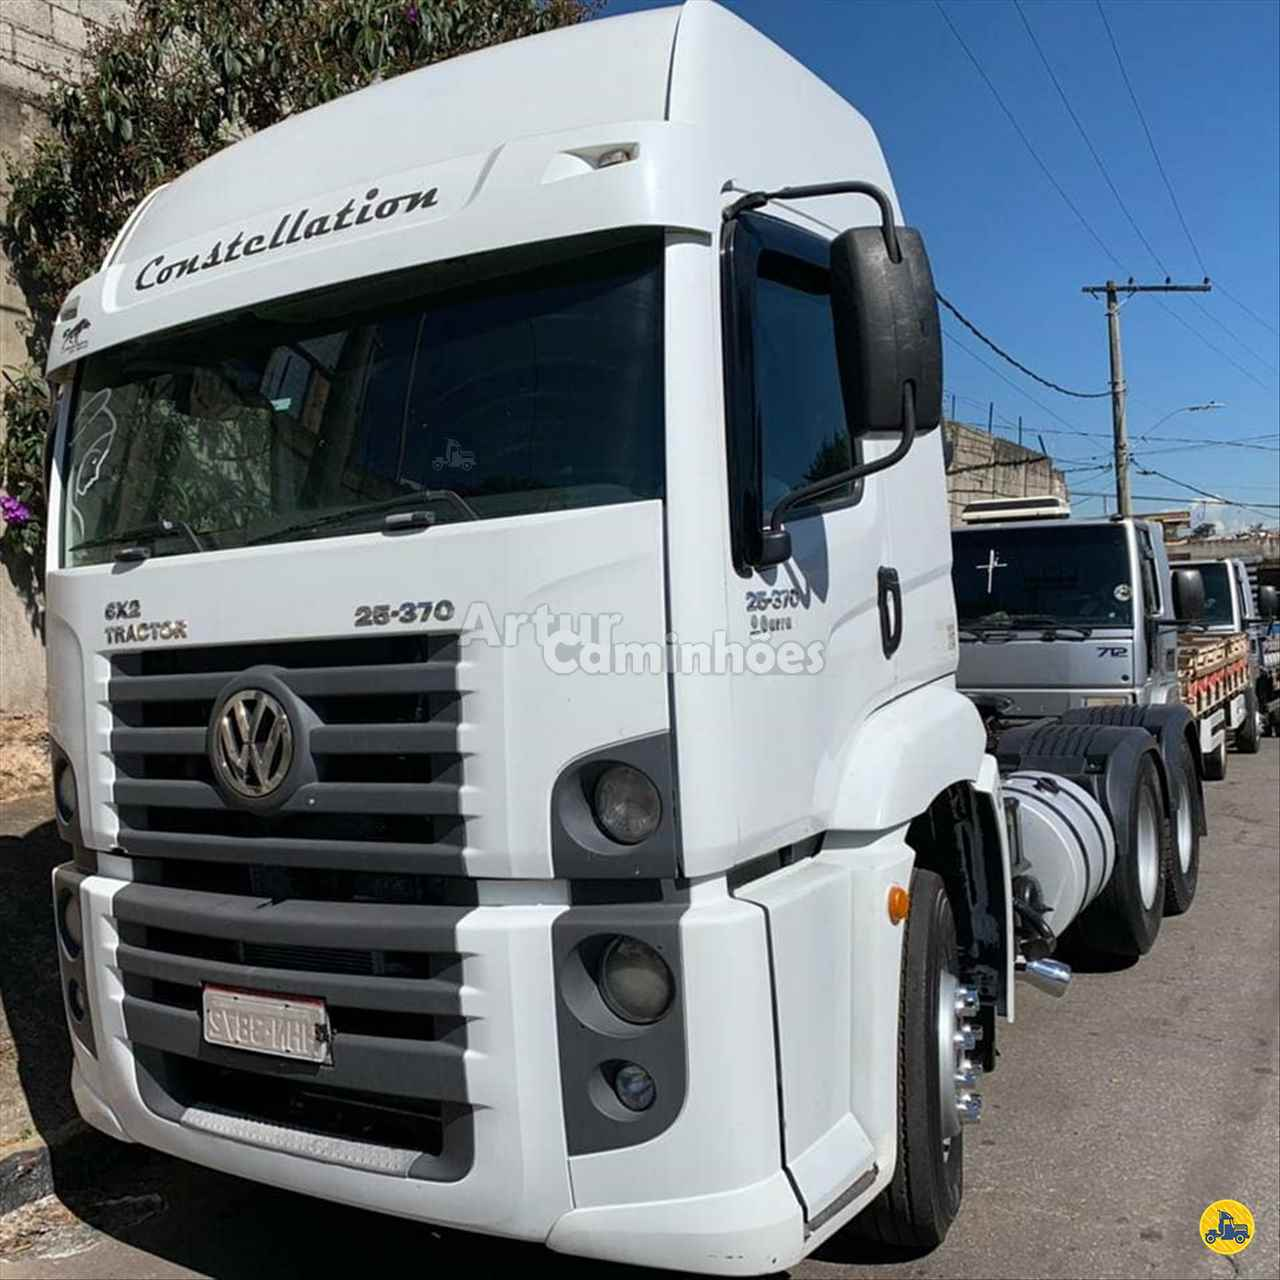 CAMINHAO VOLKSWAGEN VW 25370 Cavalo Mecânico Truck 6x2 Artur Caminhões DIVINOPOLIS MINAS GERAIS MG